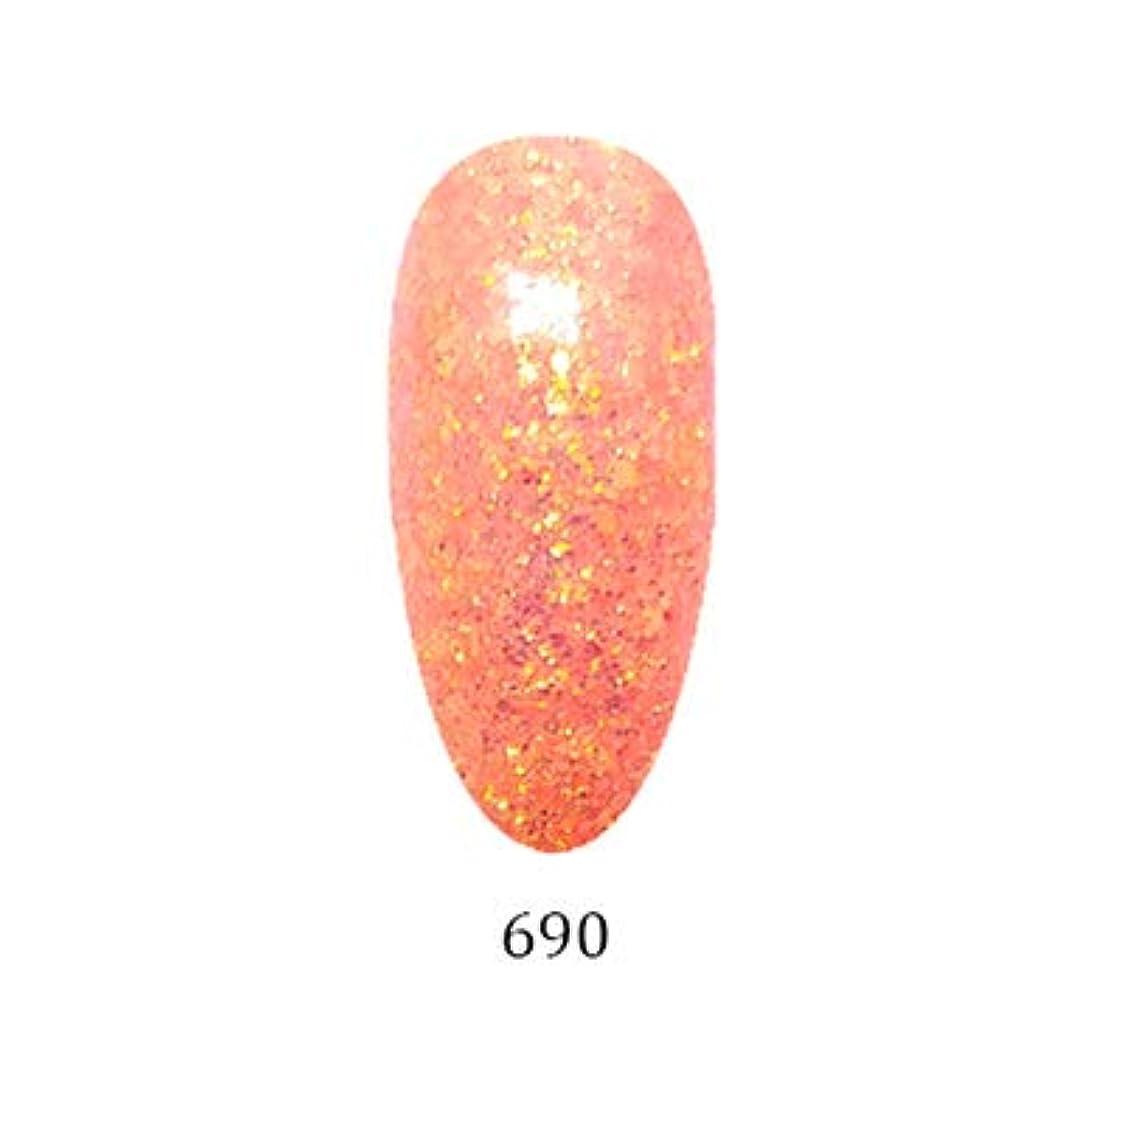 苦い瞑想的新着アイスジェル カラージェル グリーミングシリーズ GM-690 3g